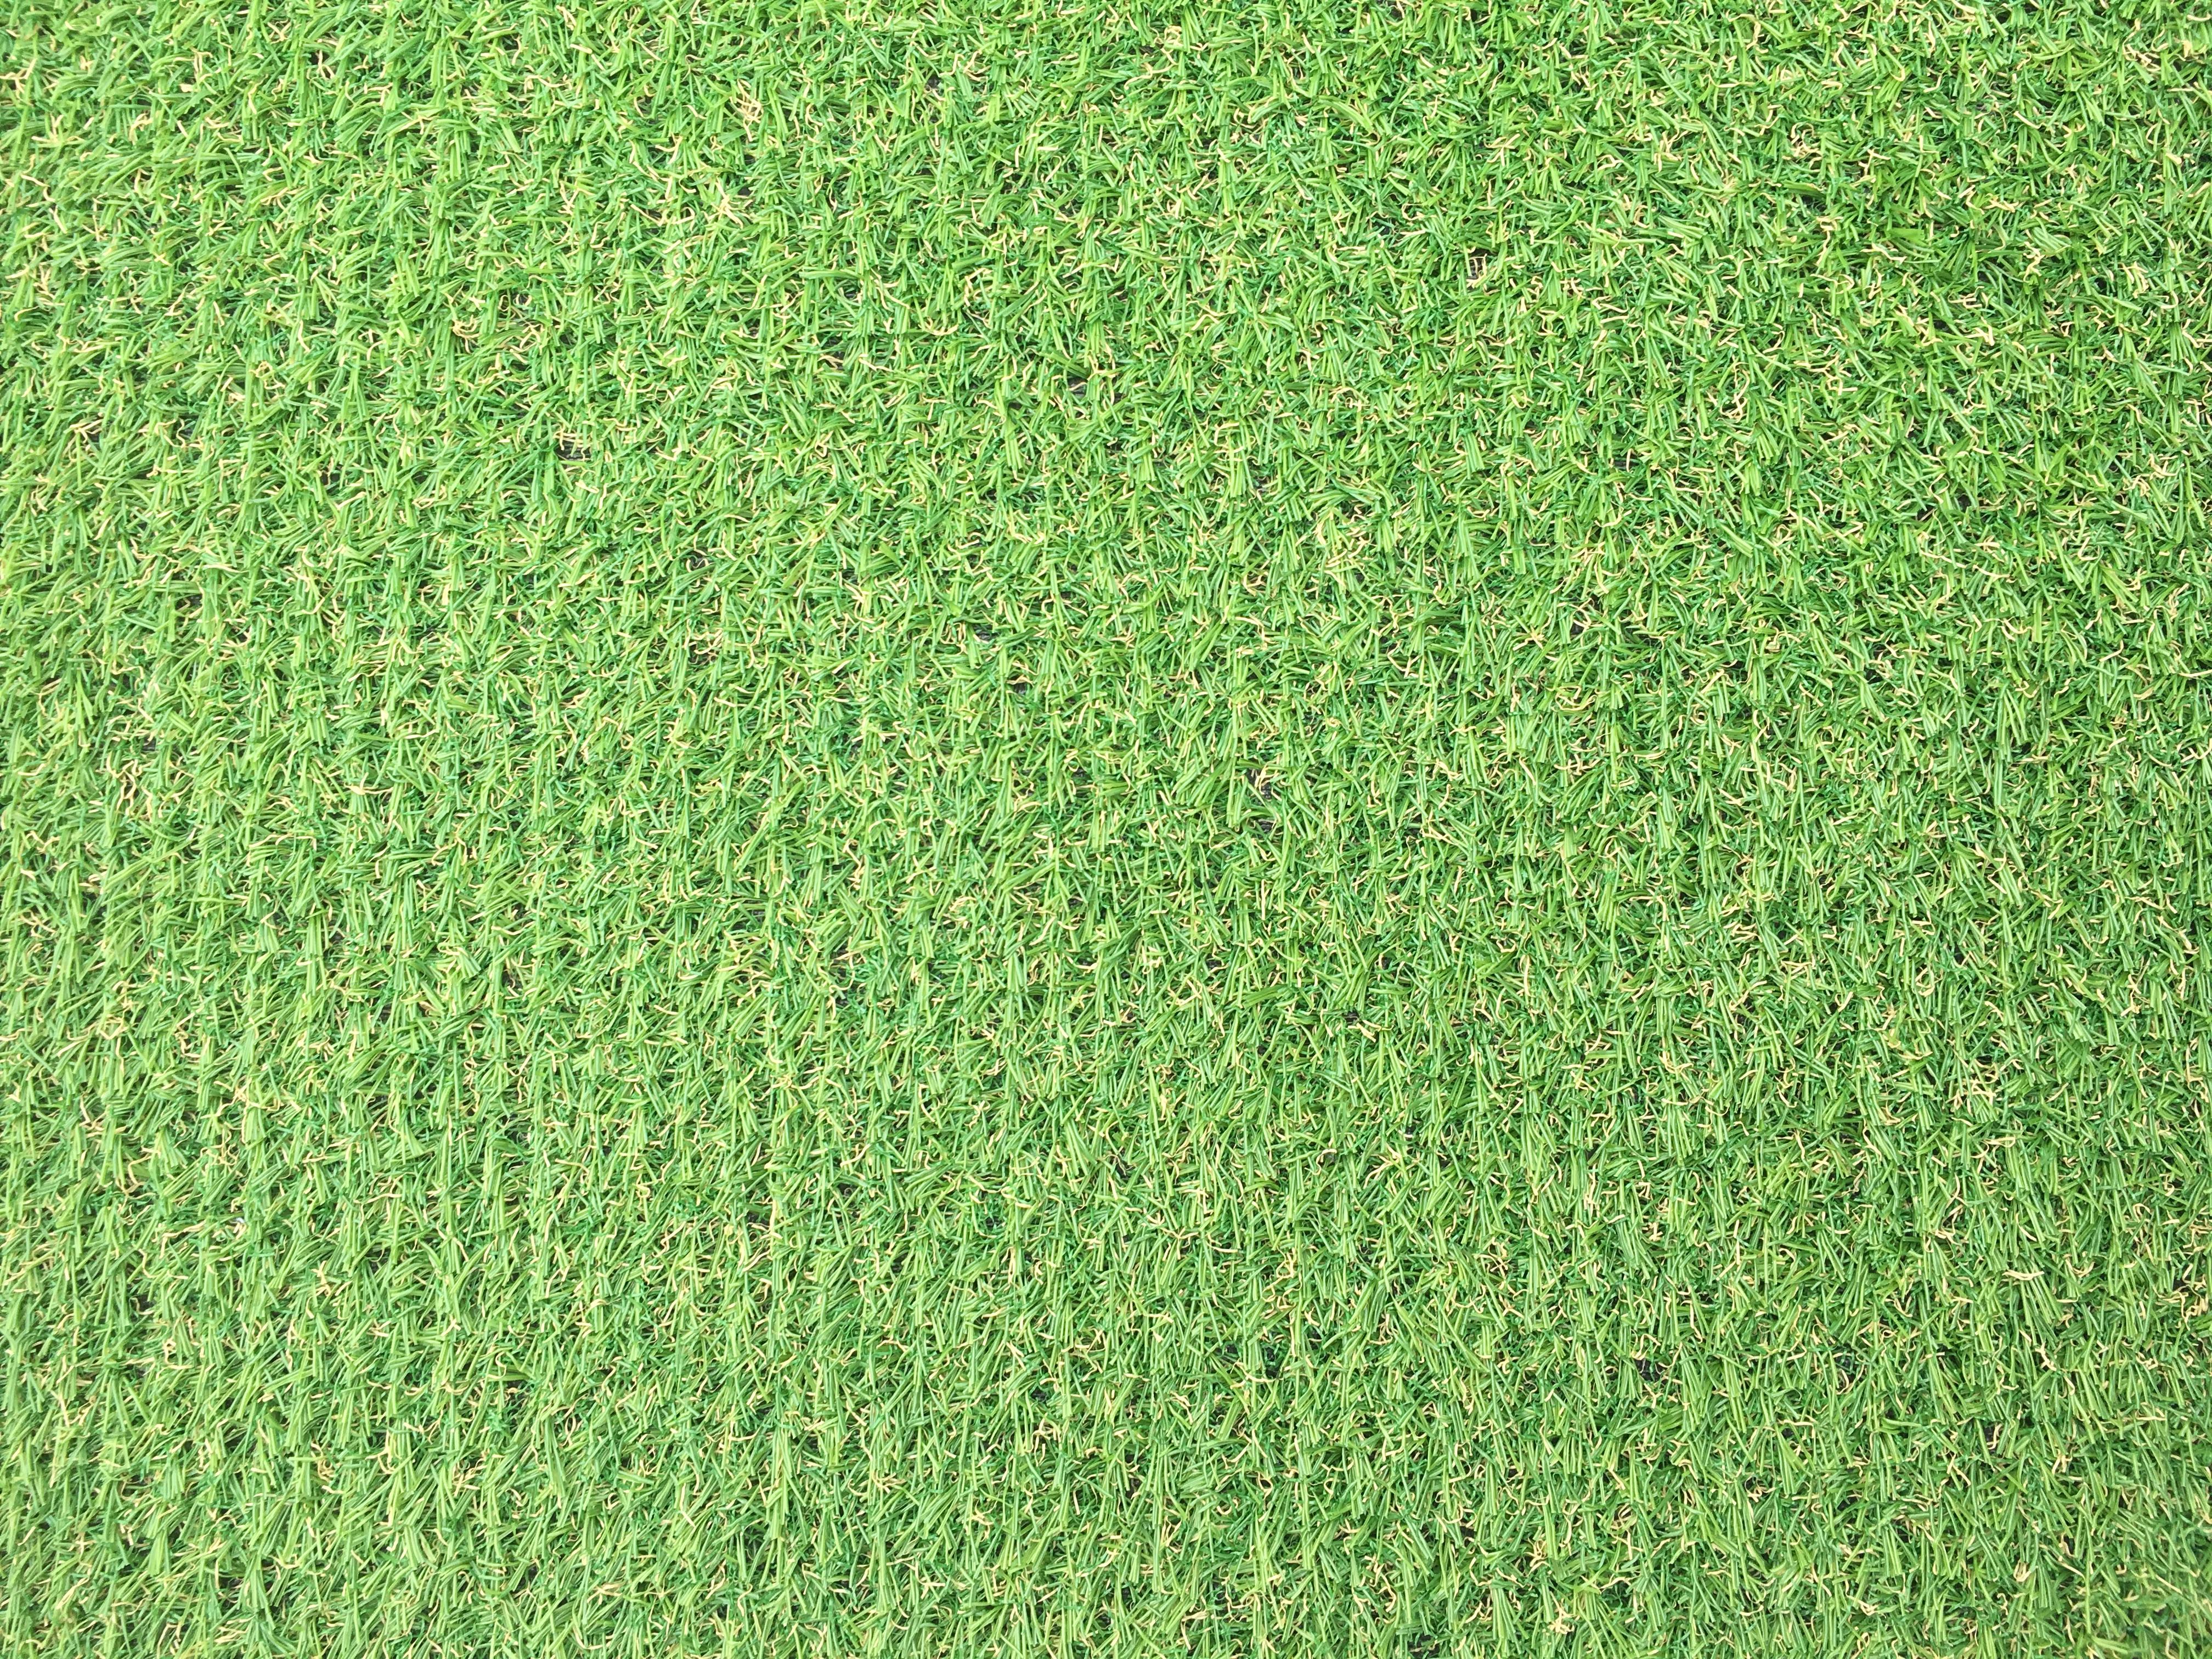 Covor Iarba Artificiala, Tip Gazon, Verde, Natura, 100% Polipropilena, 10 mm, 100x400 cm3